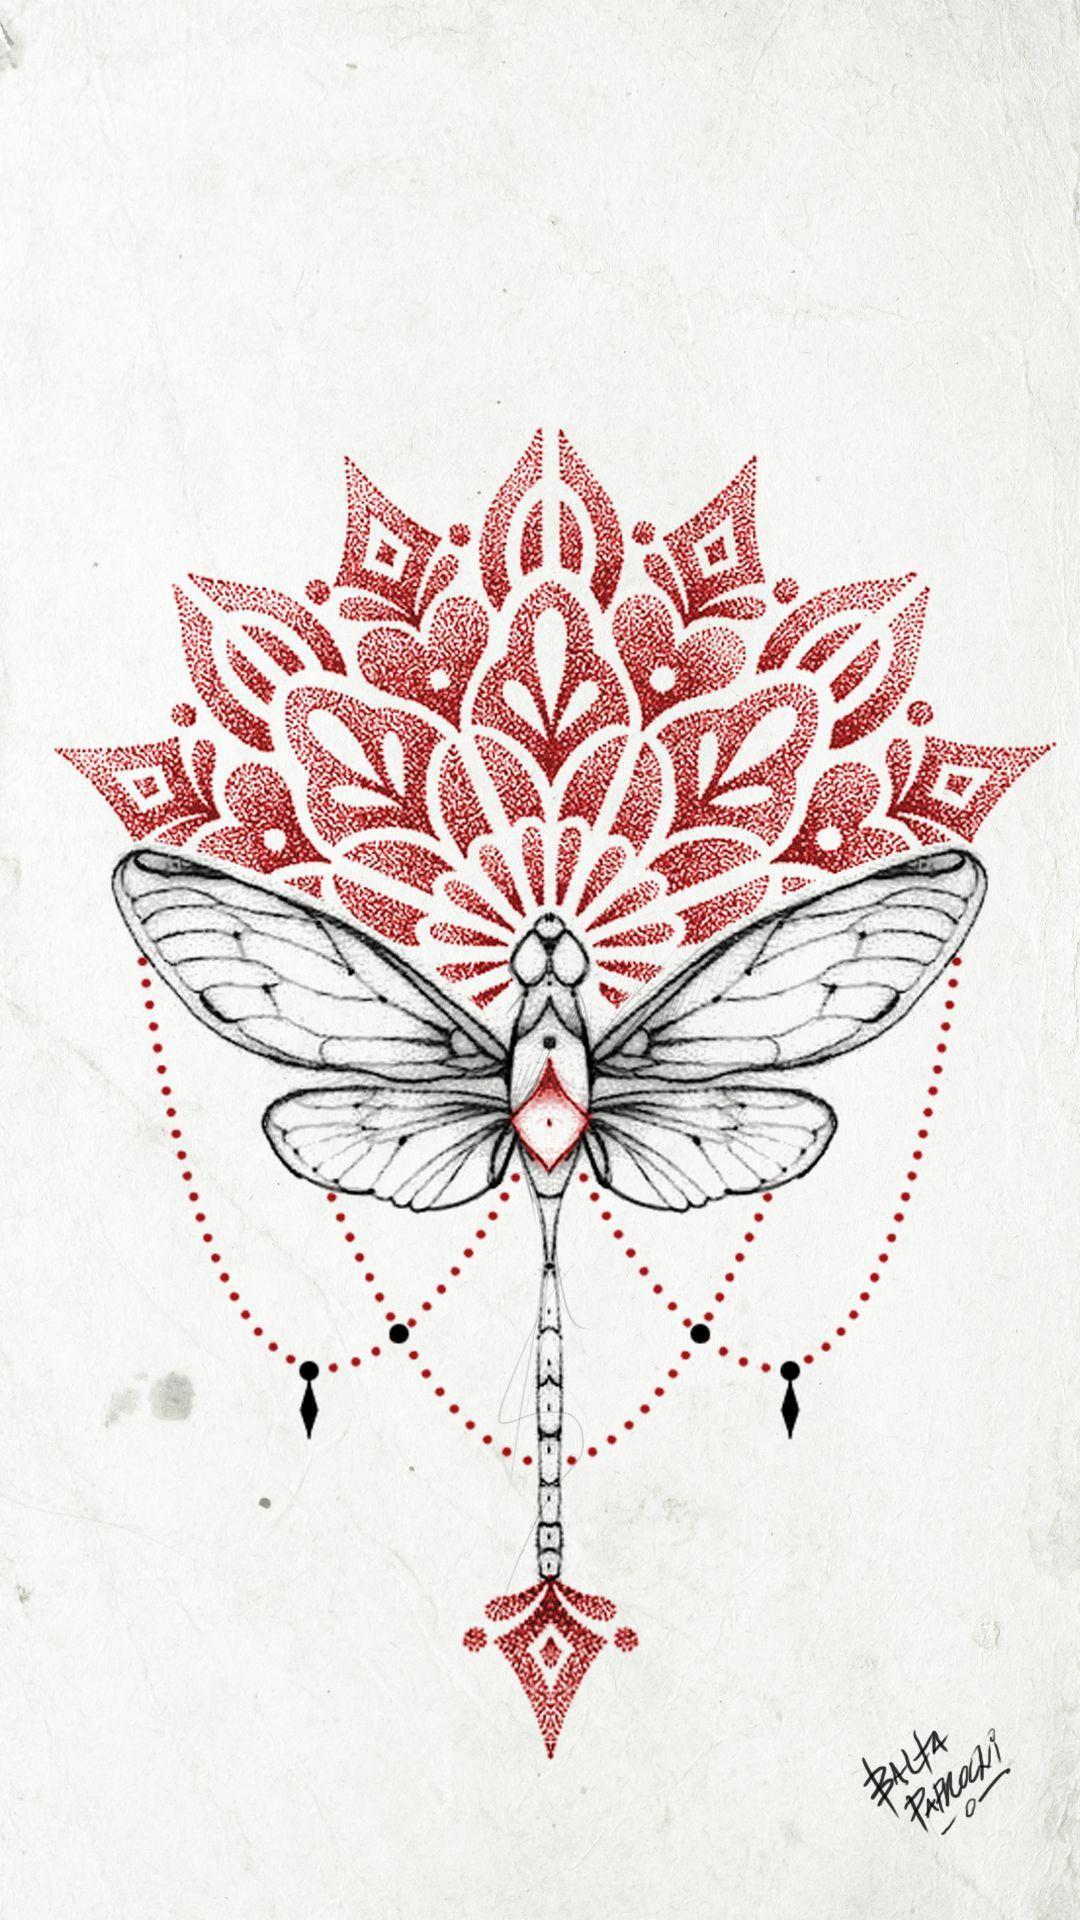 Dotwork Tattoo Mandala Mandalatattoo Mandala Tattoo Mandala Tattoo Design Geometric Tattoo Design